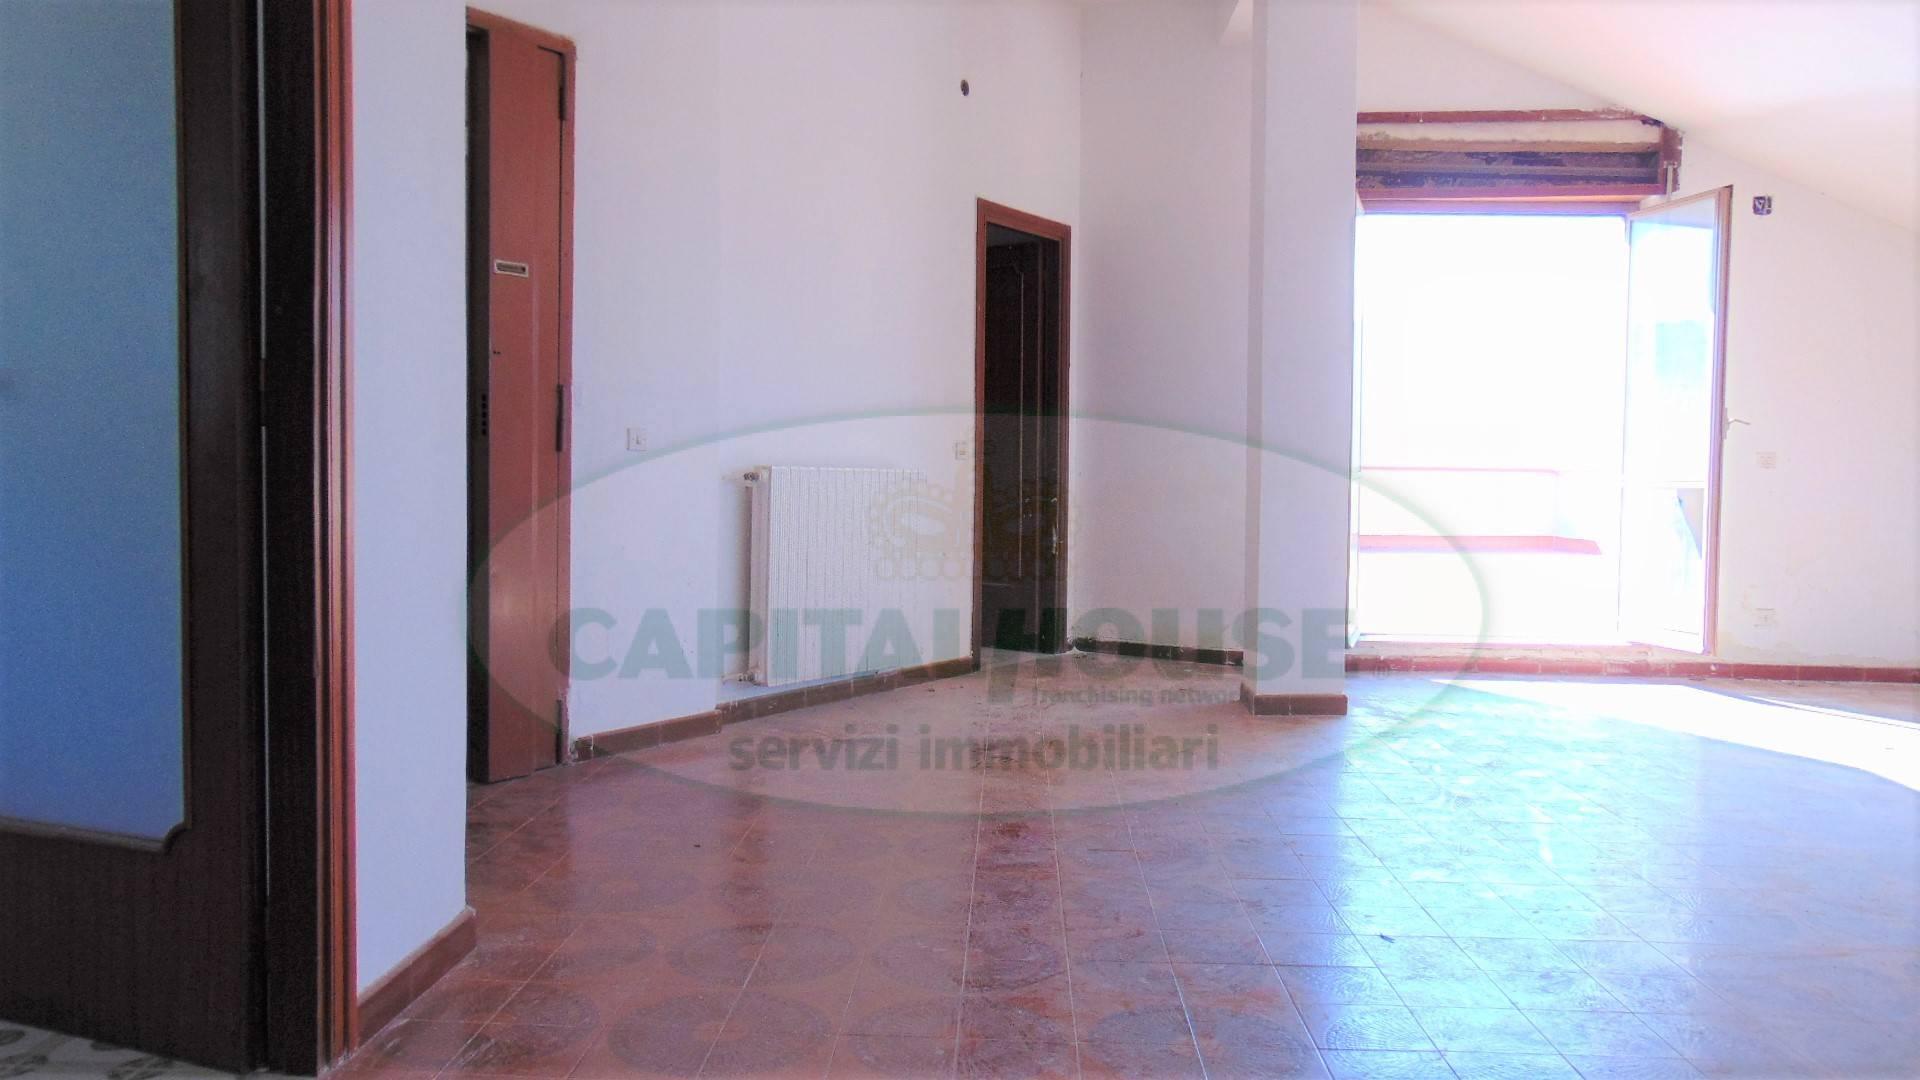 Attico / Mansarda in vendita a Baiano, 3 locali, prezzo € 98.000 | PortaleAgenzieImmobiliari.it